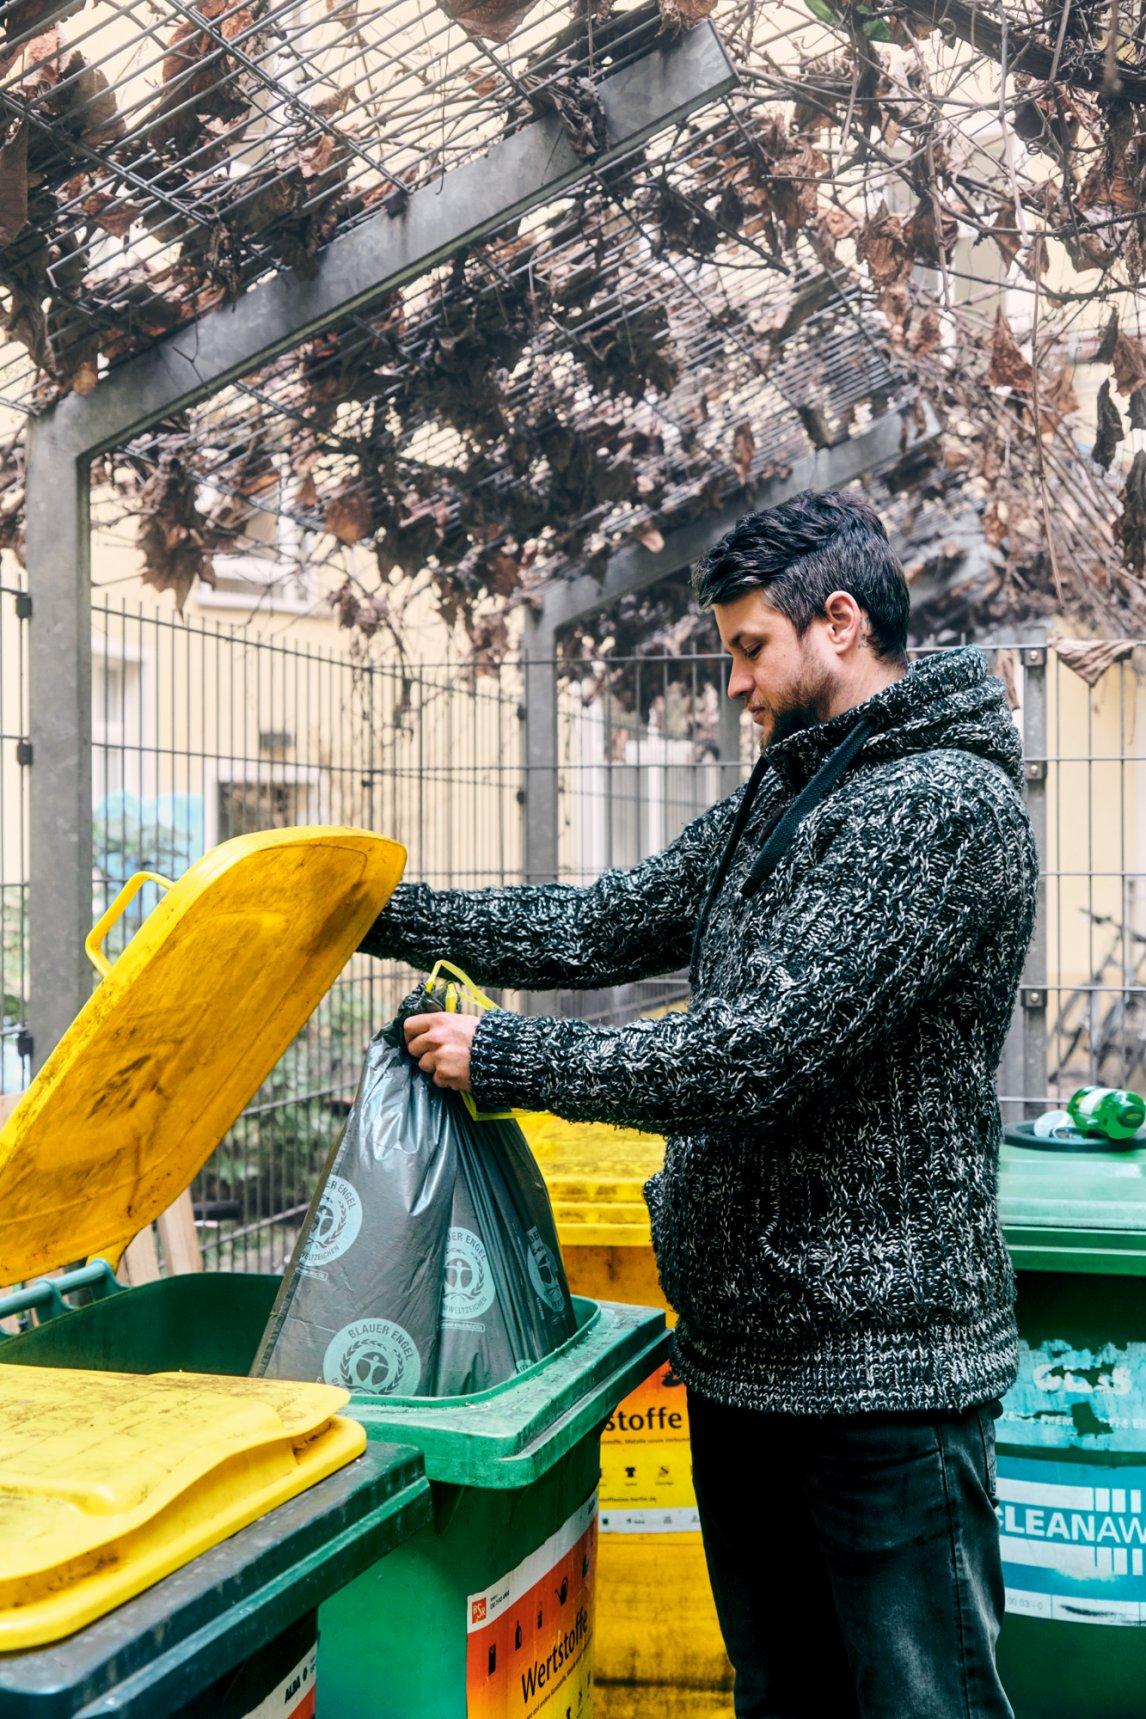 <p>ANFANG UND ENDE Längst nicht alles, was in der Gelben Tonne entsorgt wird, wird auch recycelt</p>